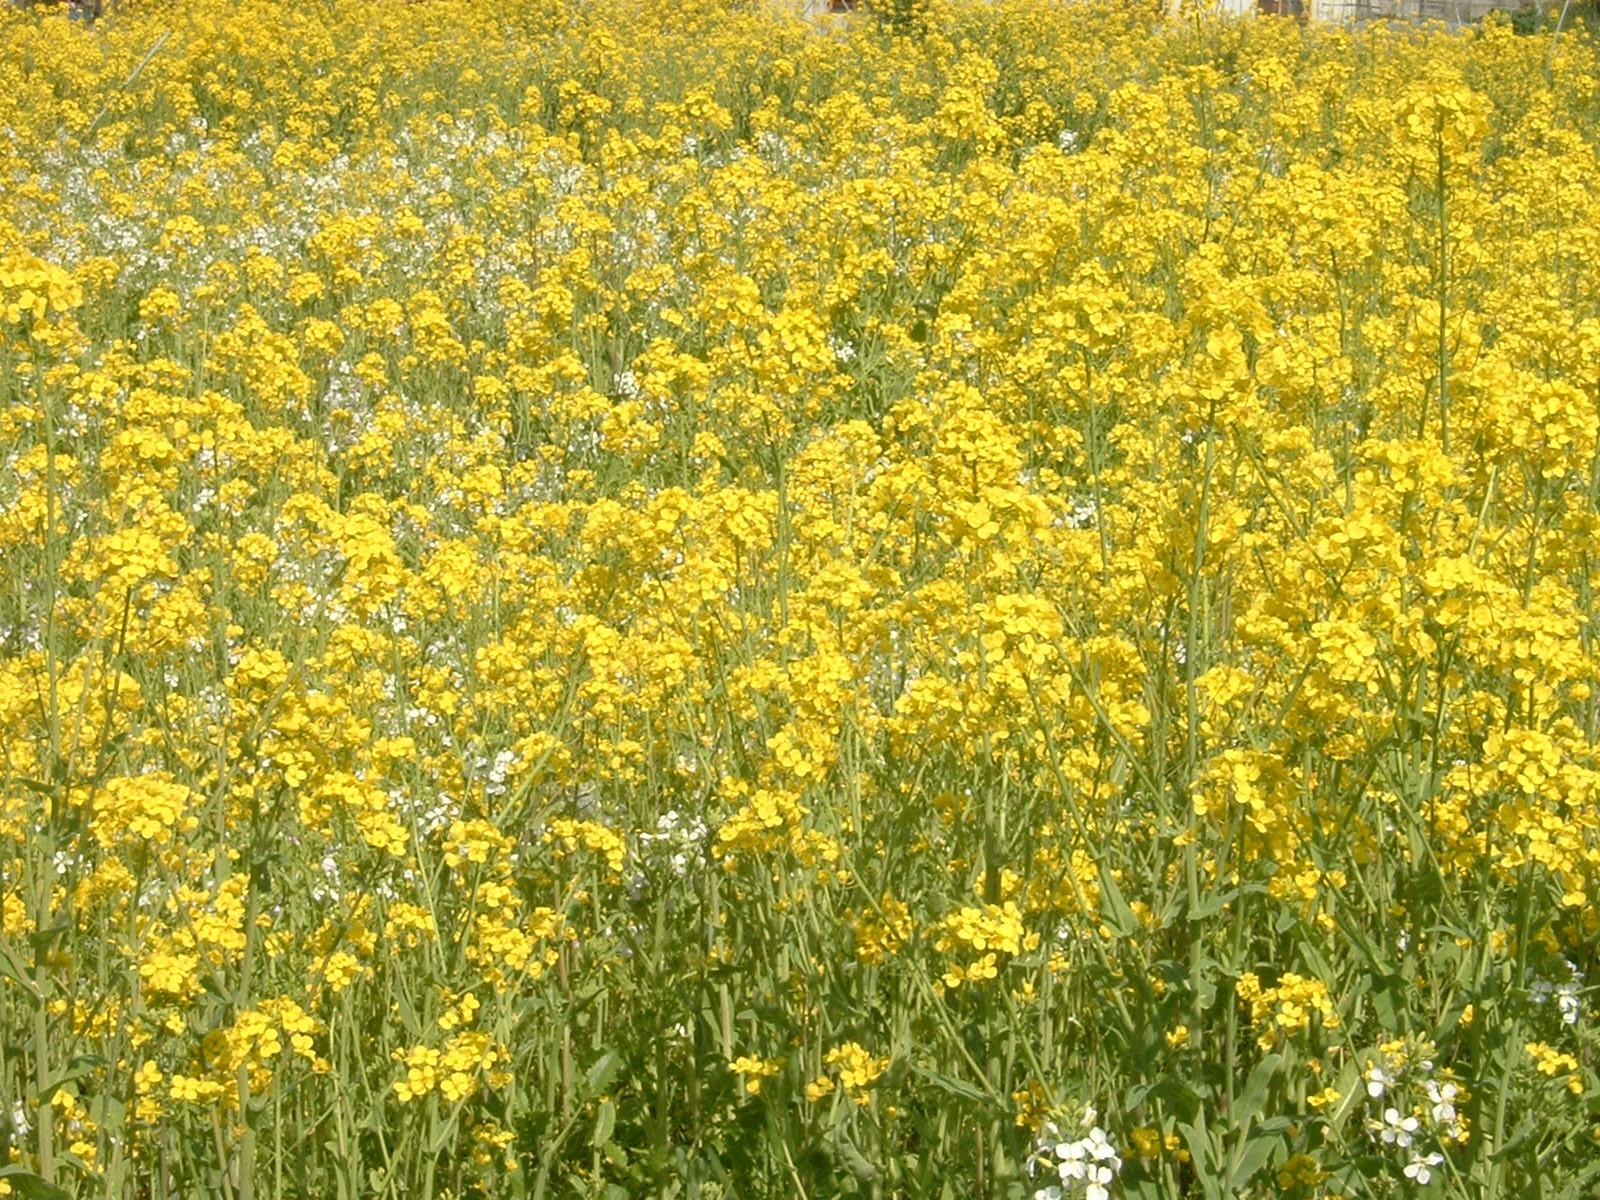 タネツケバナ&ナズナ/白い野の花 - みどりの一期一会 ブログ ログイン ランダム G7外相会合